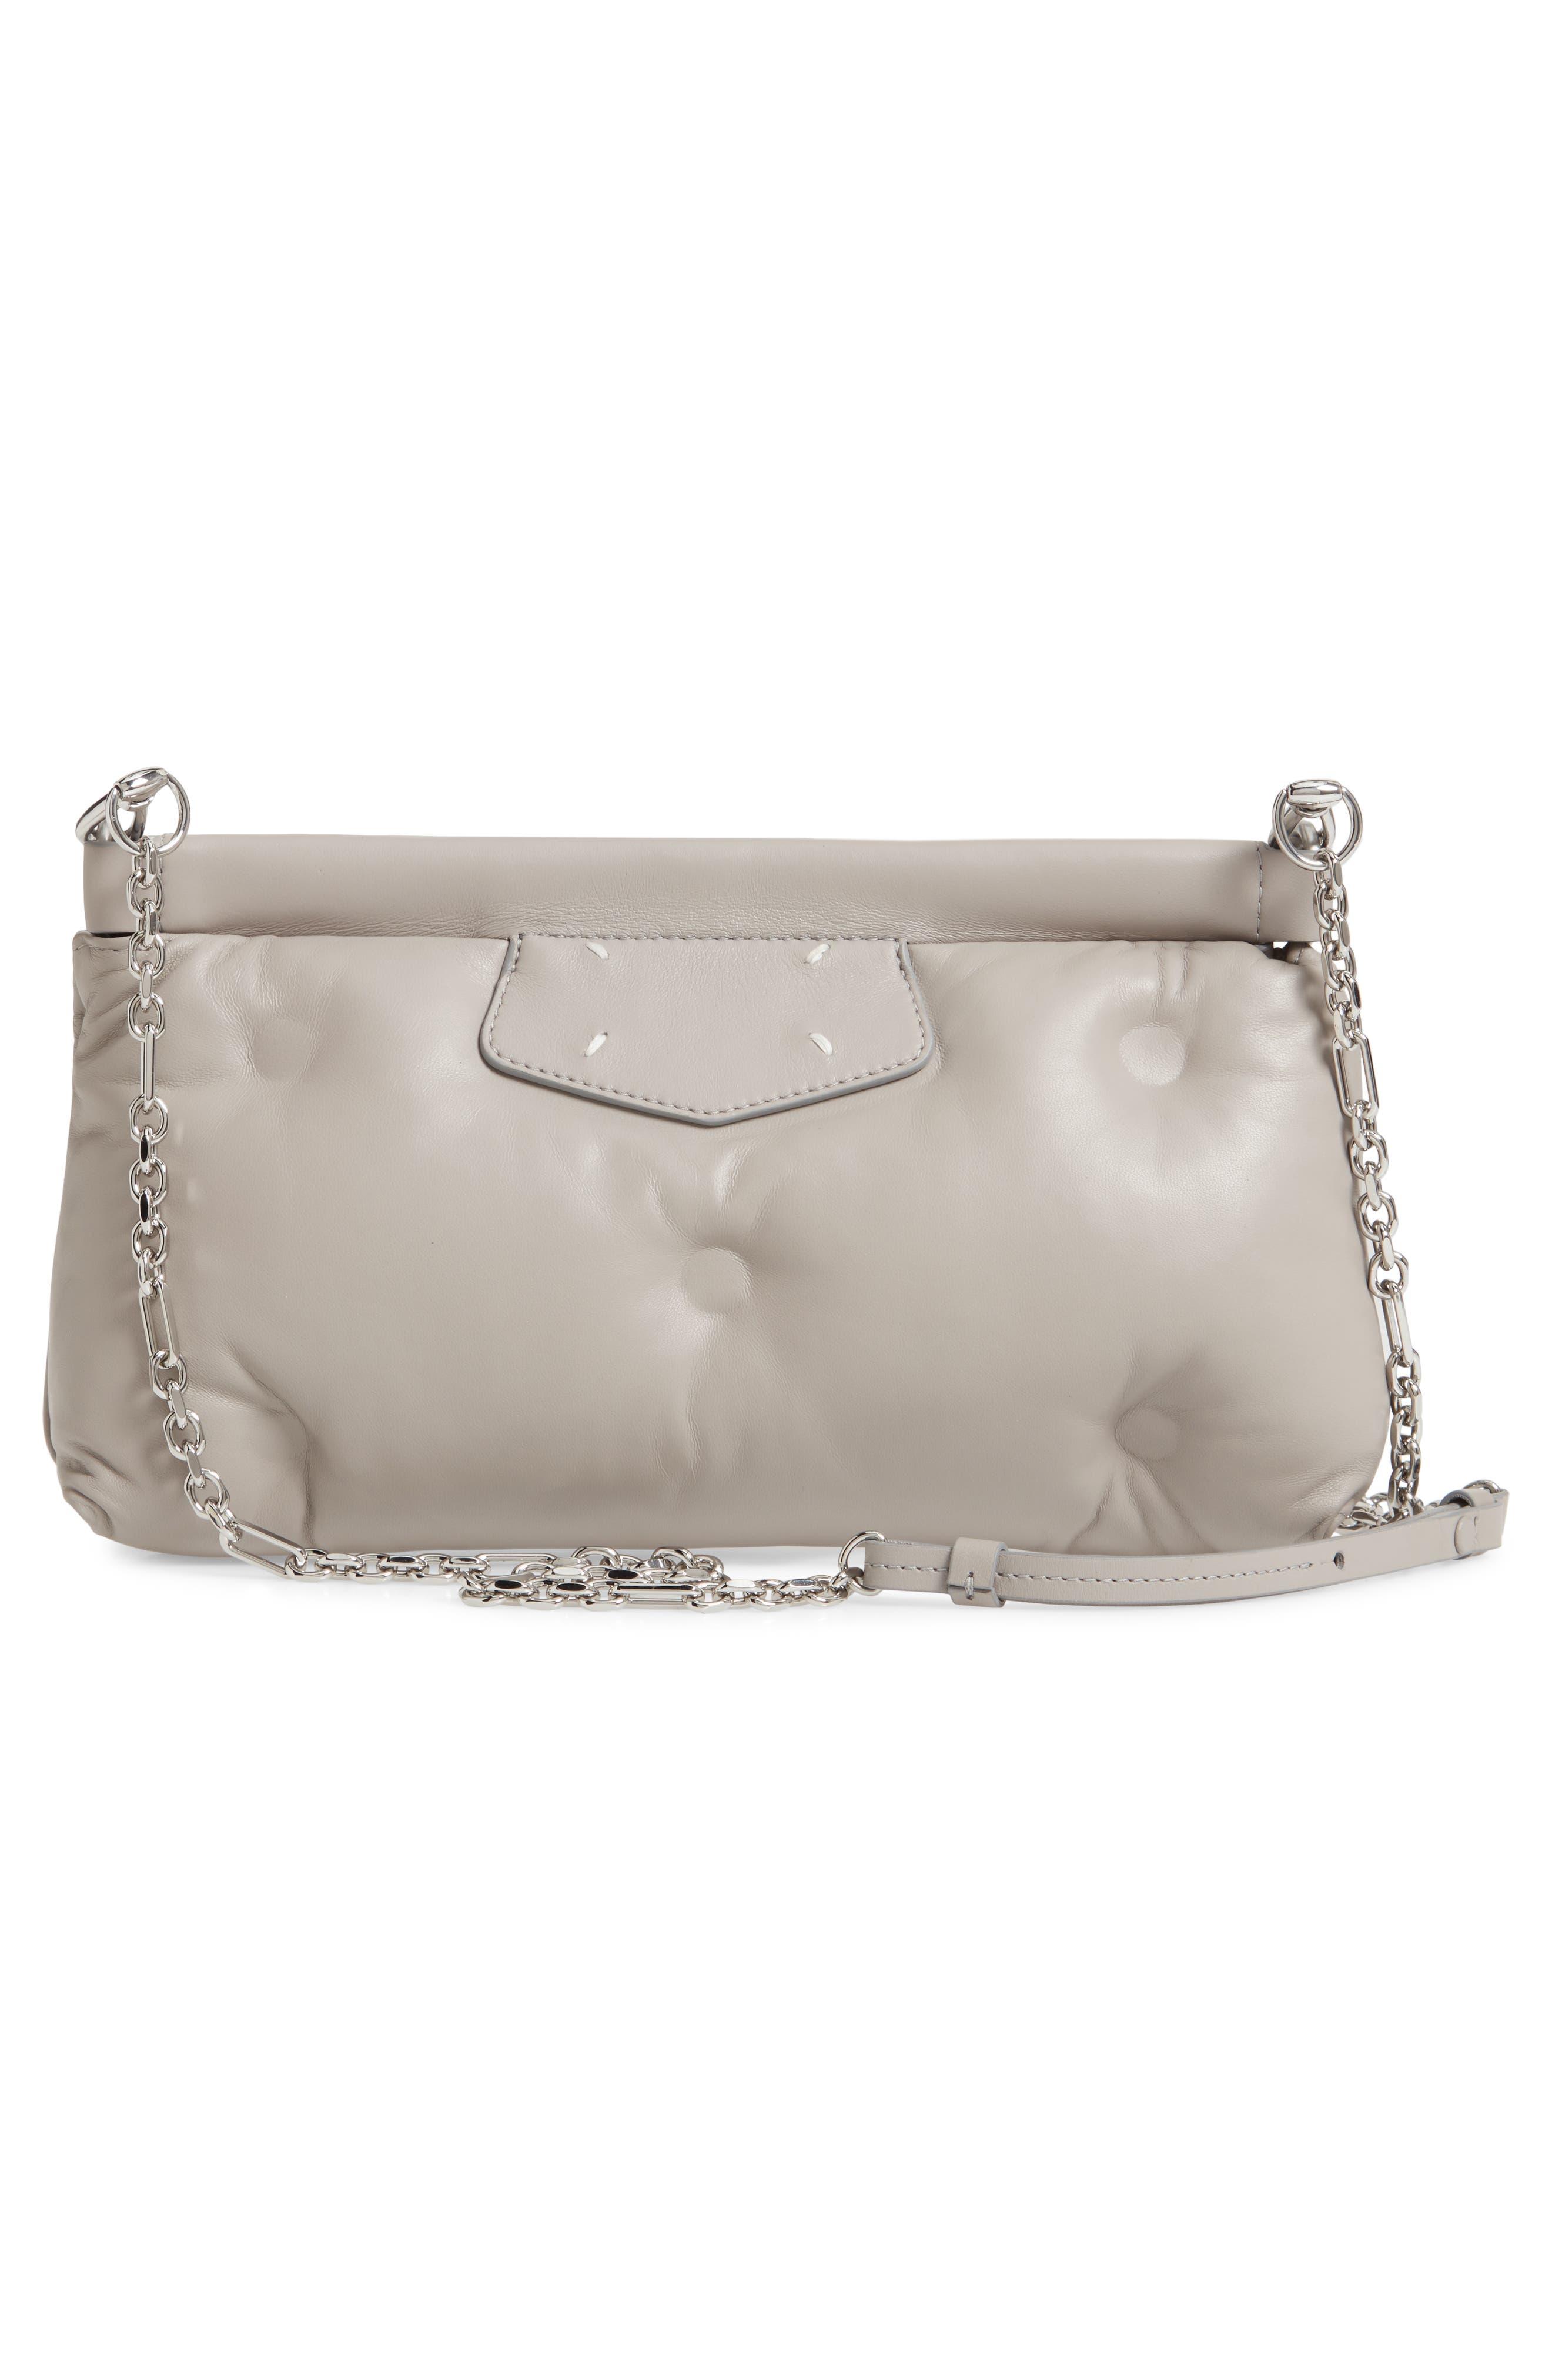 Maison Margiela Clutch Glam Slam Plush Leather Clutch